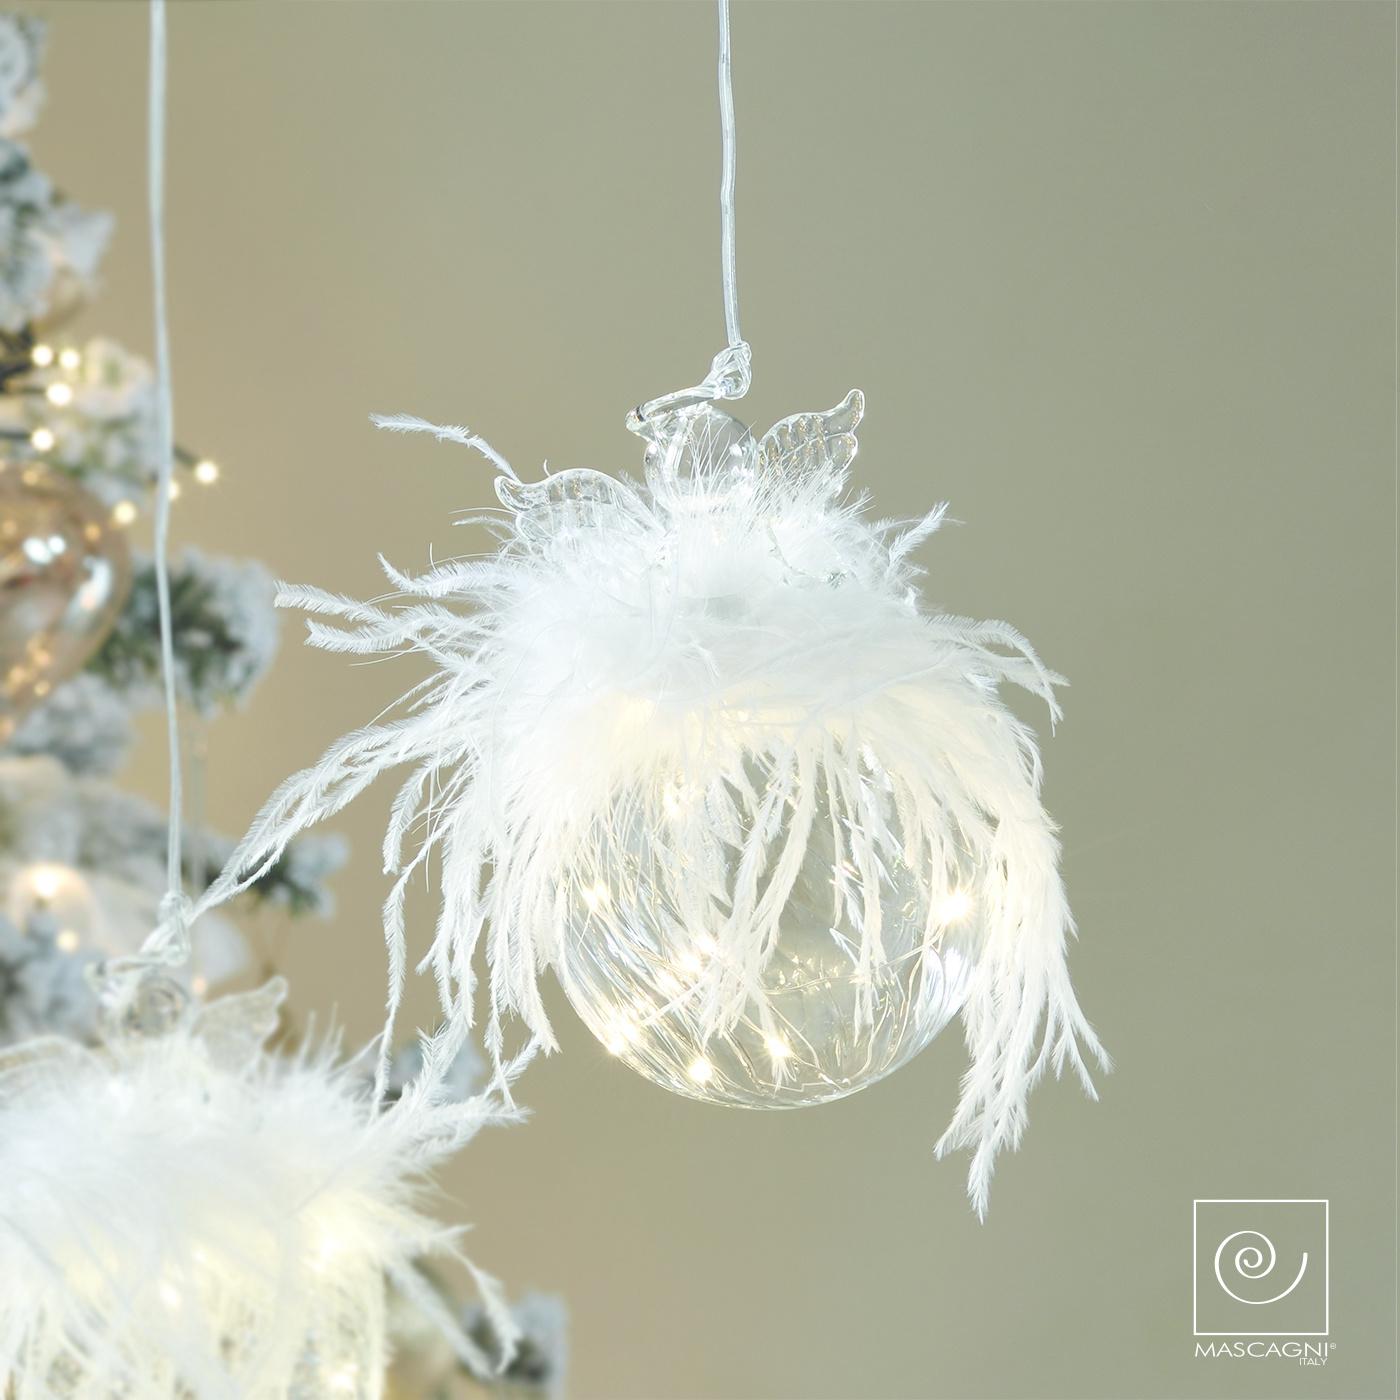 Art Mascagni LED ANGEL CM.15,5